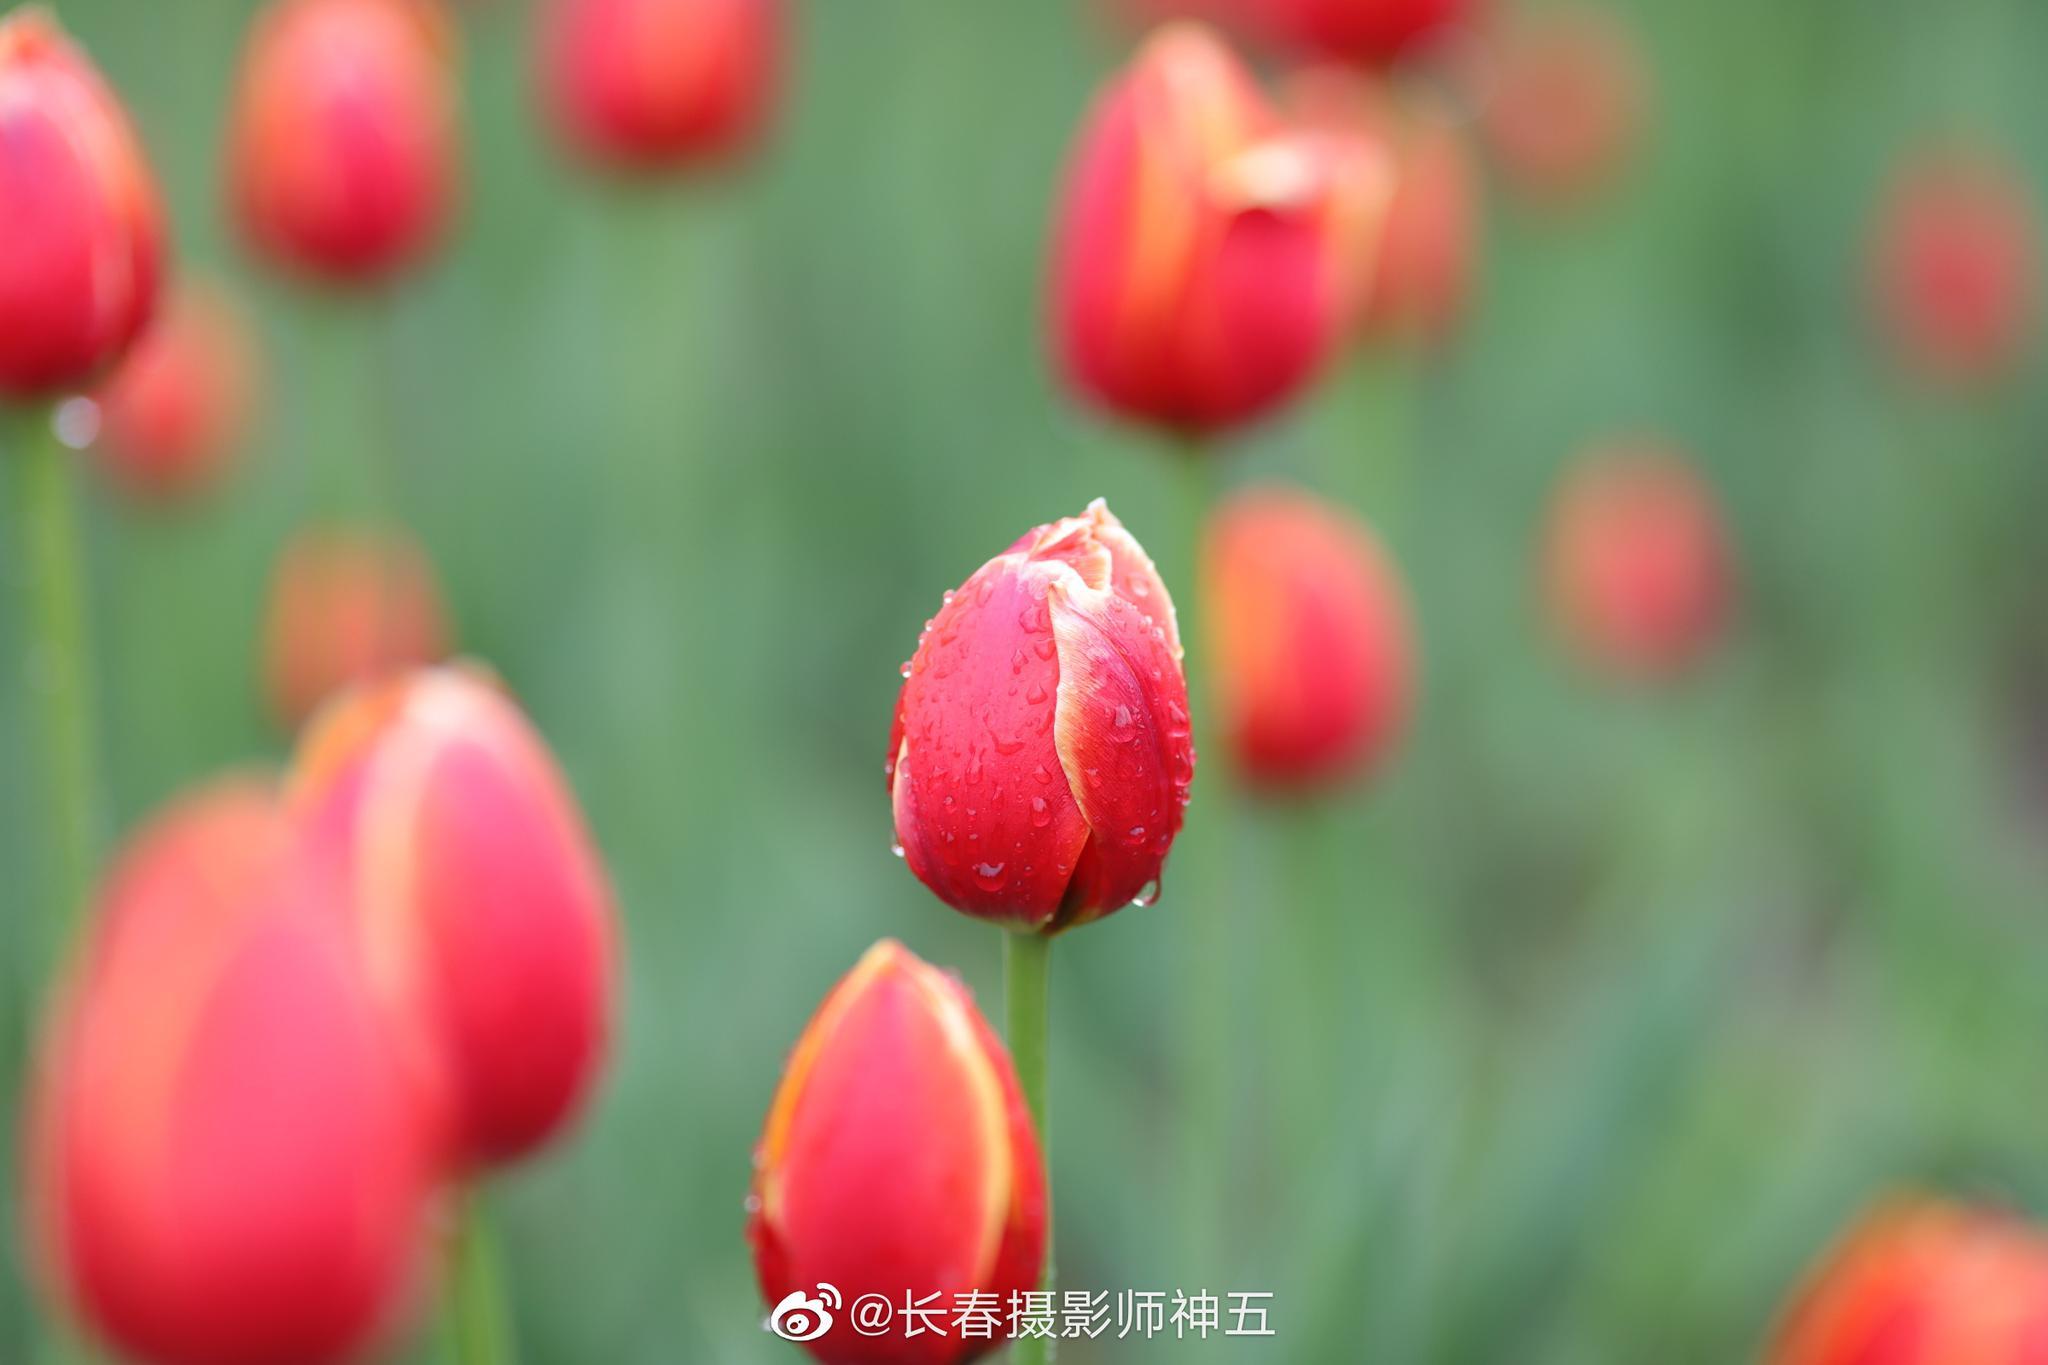 春雨连绵 郁金花香漫春城